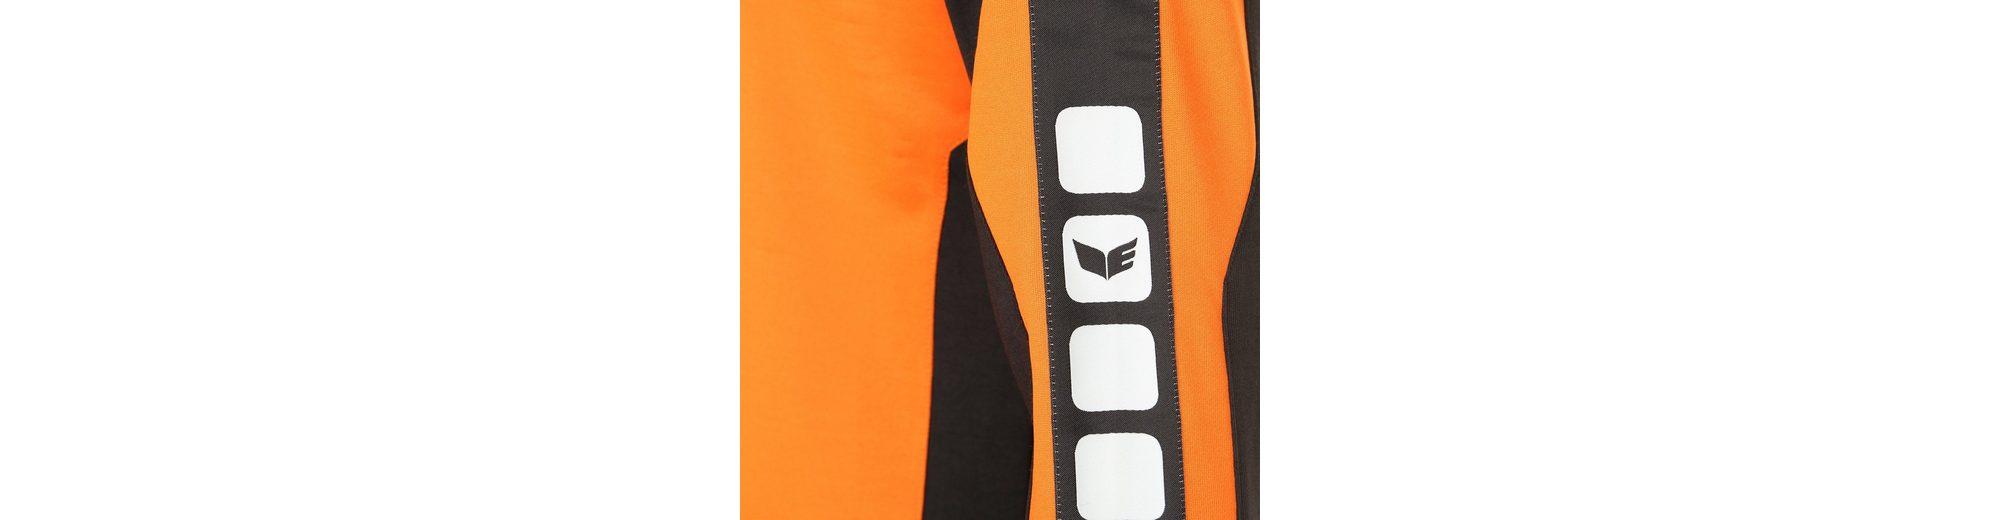 ERIMA 5-CUBES Trainingssweat Herren Verkauf Brandneue Unisex Billig Offiziellen Günstig Kaufen Footlocker Bilder Freies Verschiffen Extrem Große Auswahl An Günstigem Preis mTtpVFD